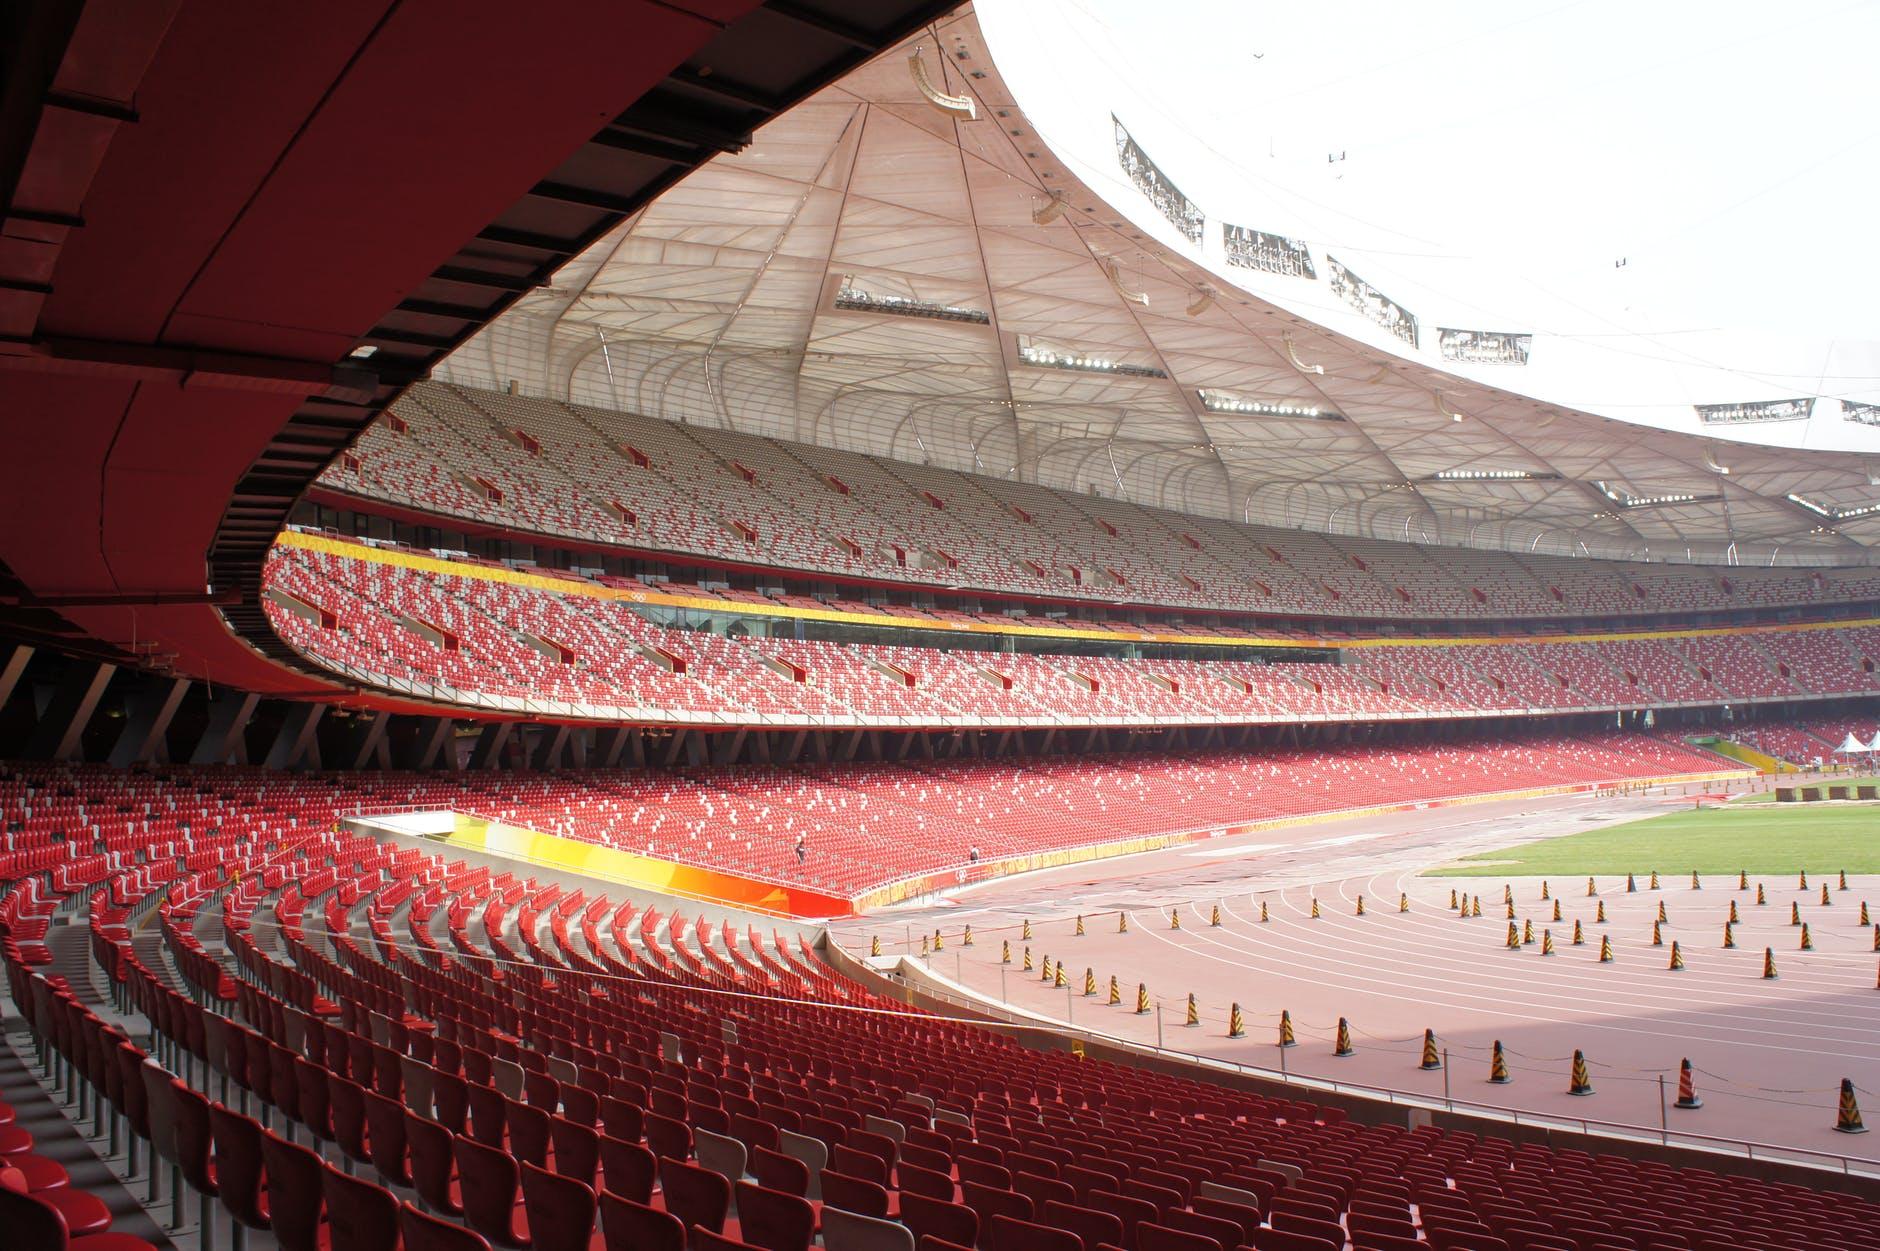 red and white stadium interior